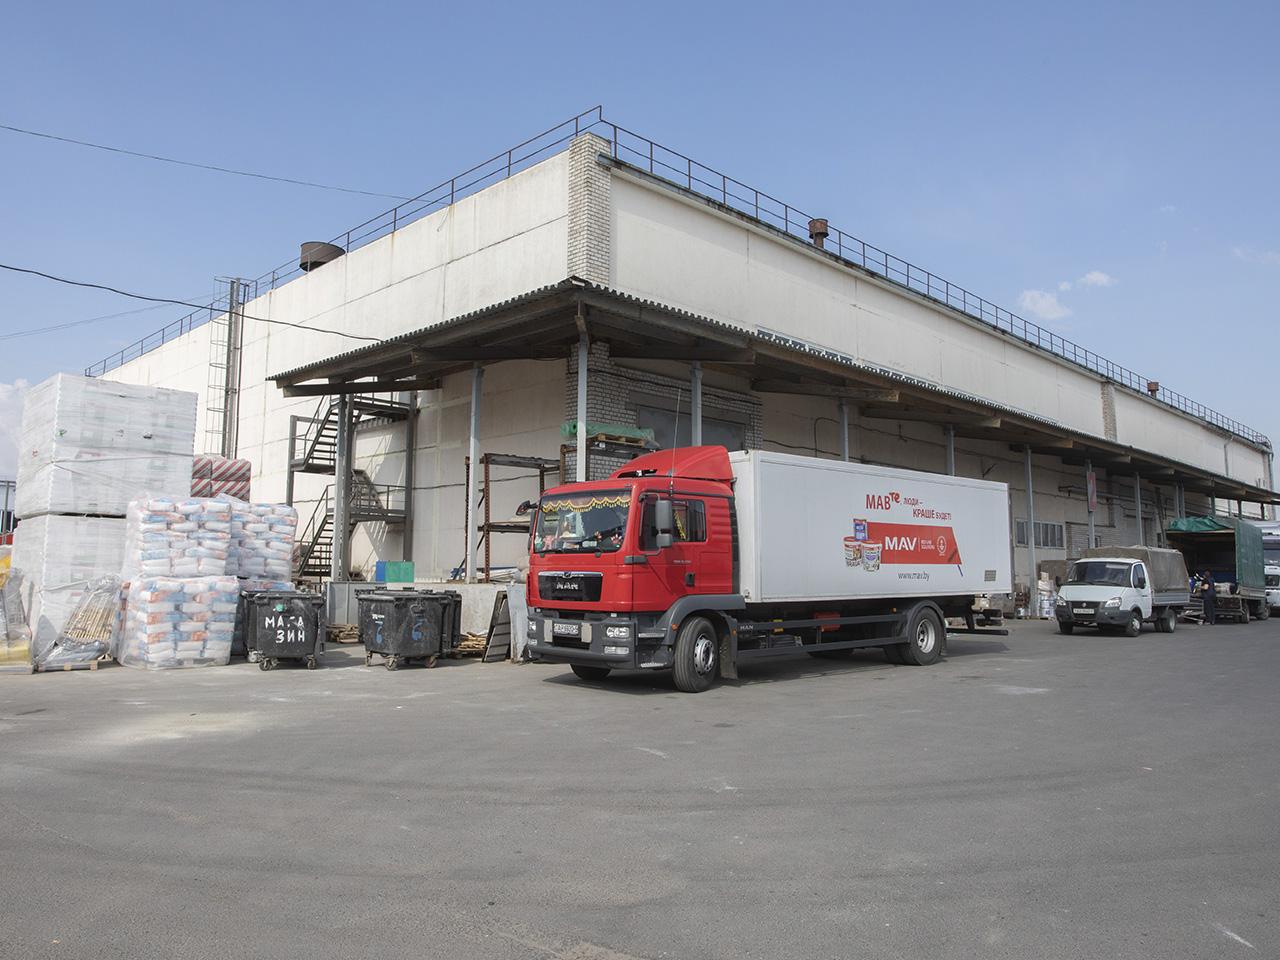 Складской комплекс, Минск, пер.Промышленный 12 3747